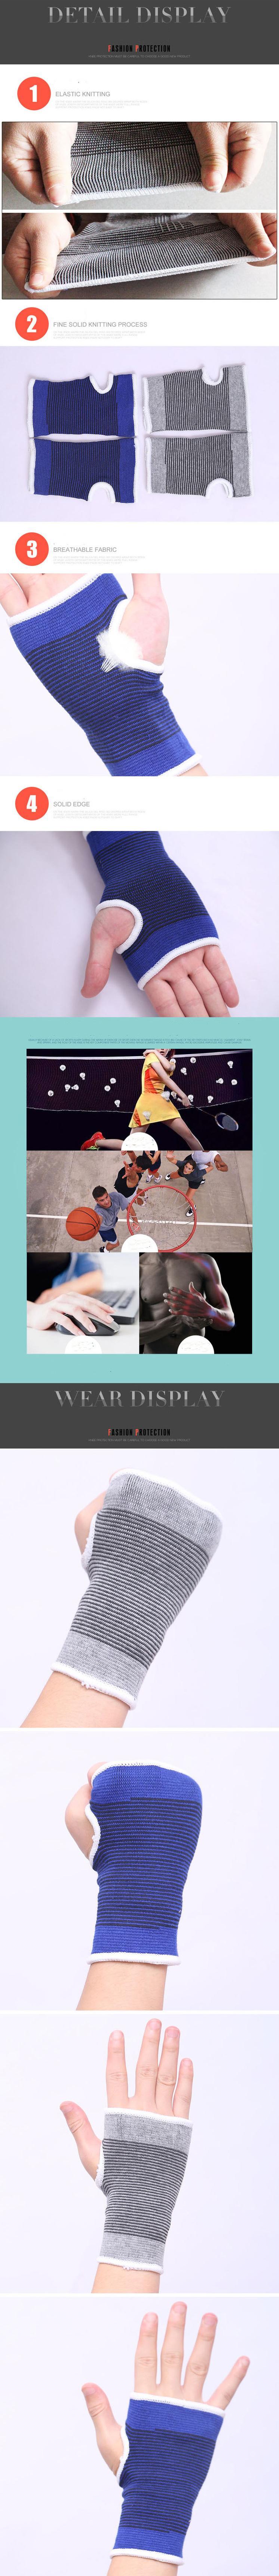 Găng tay tập gym aolikes-quang minh store-06.jpg